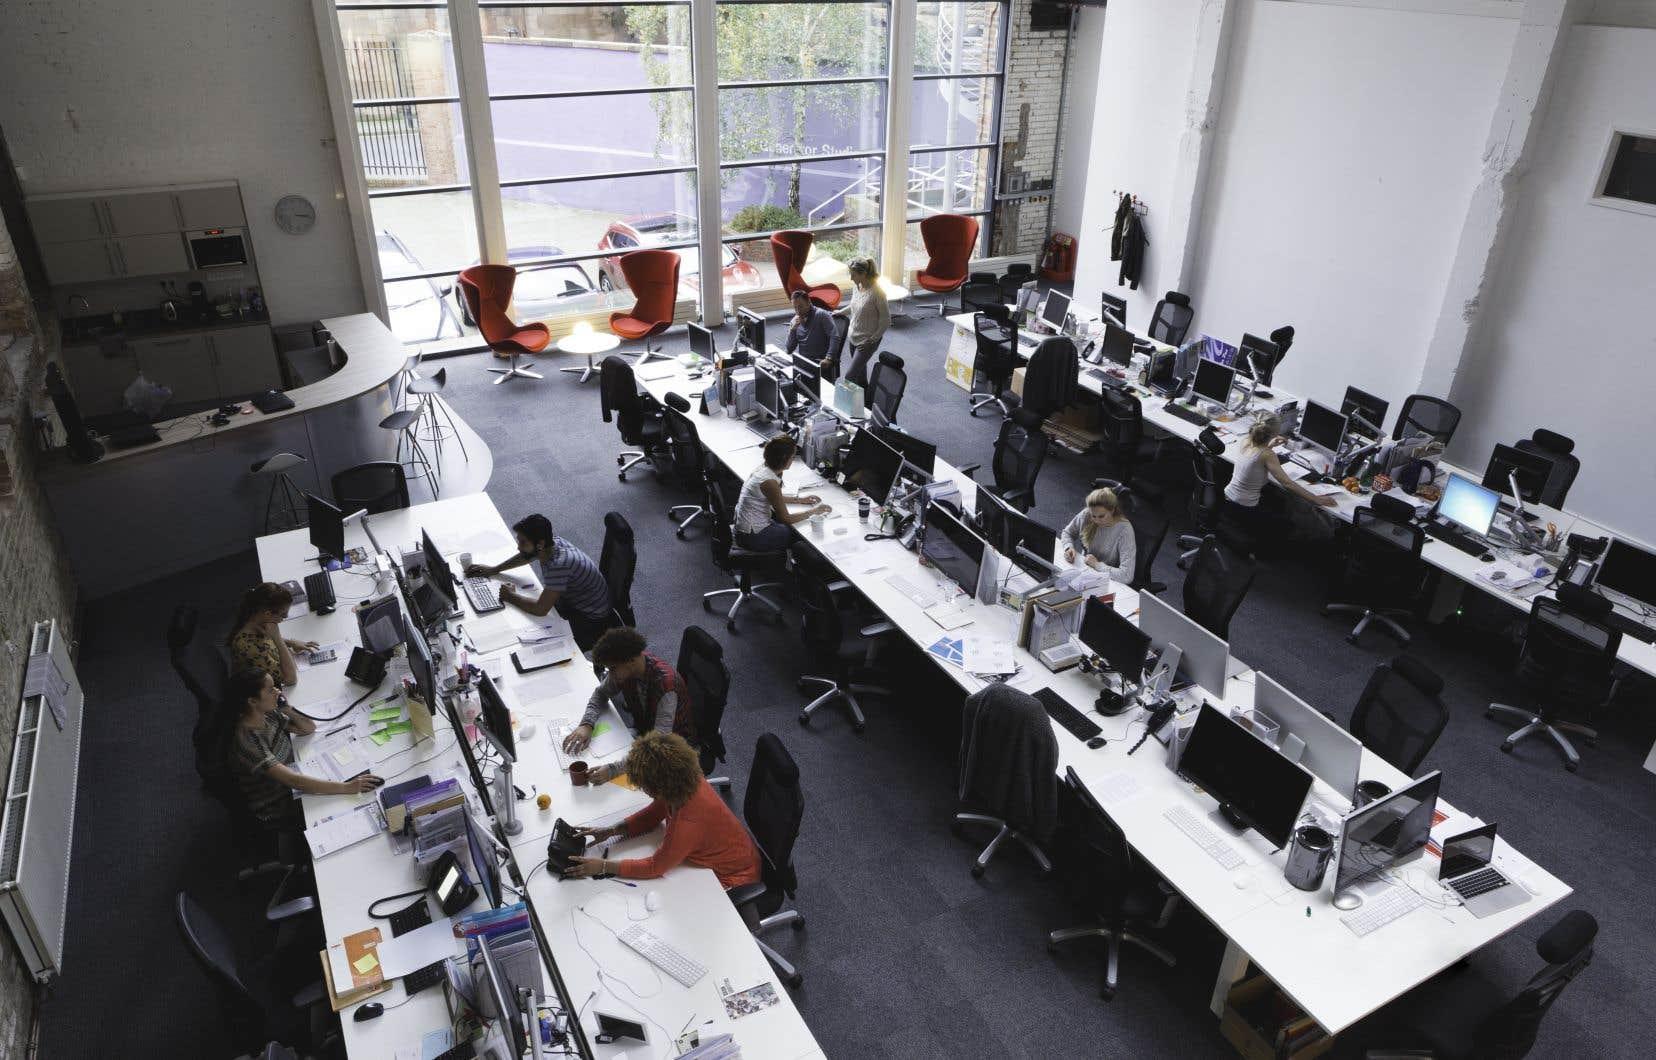 Le port du couvre-visage sera obligatoire dans tous les espaces communs des édifices à bureaux où il est impossible de respecter deux mètres de distance, par exemple dans les ascenseurs et les couloirs.